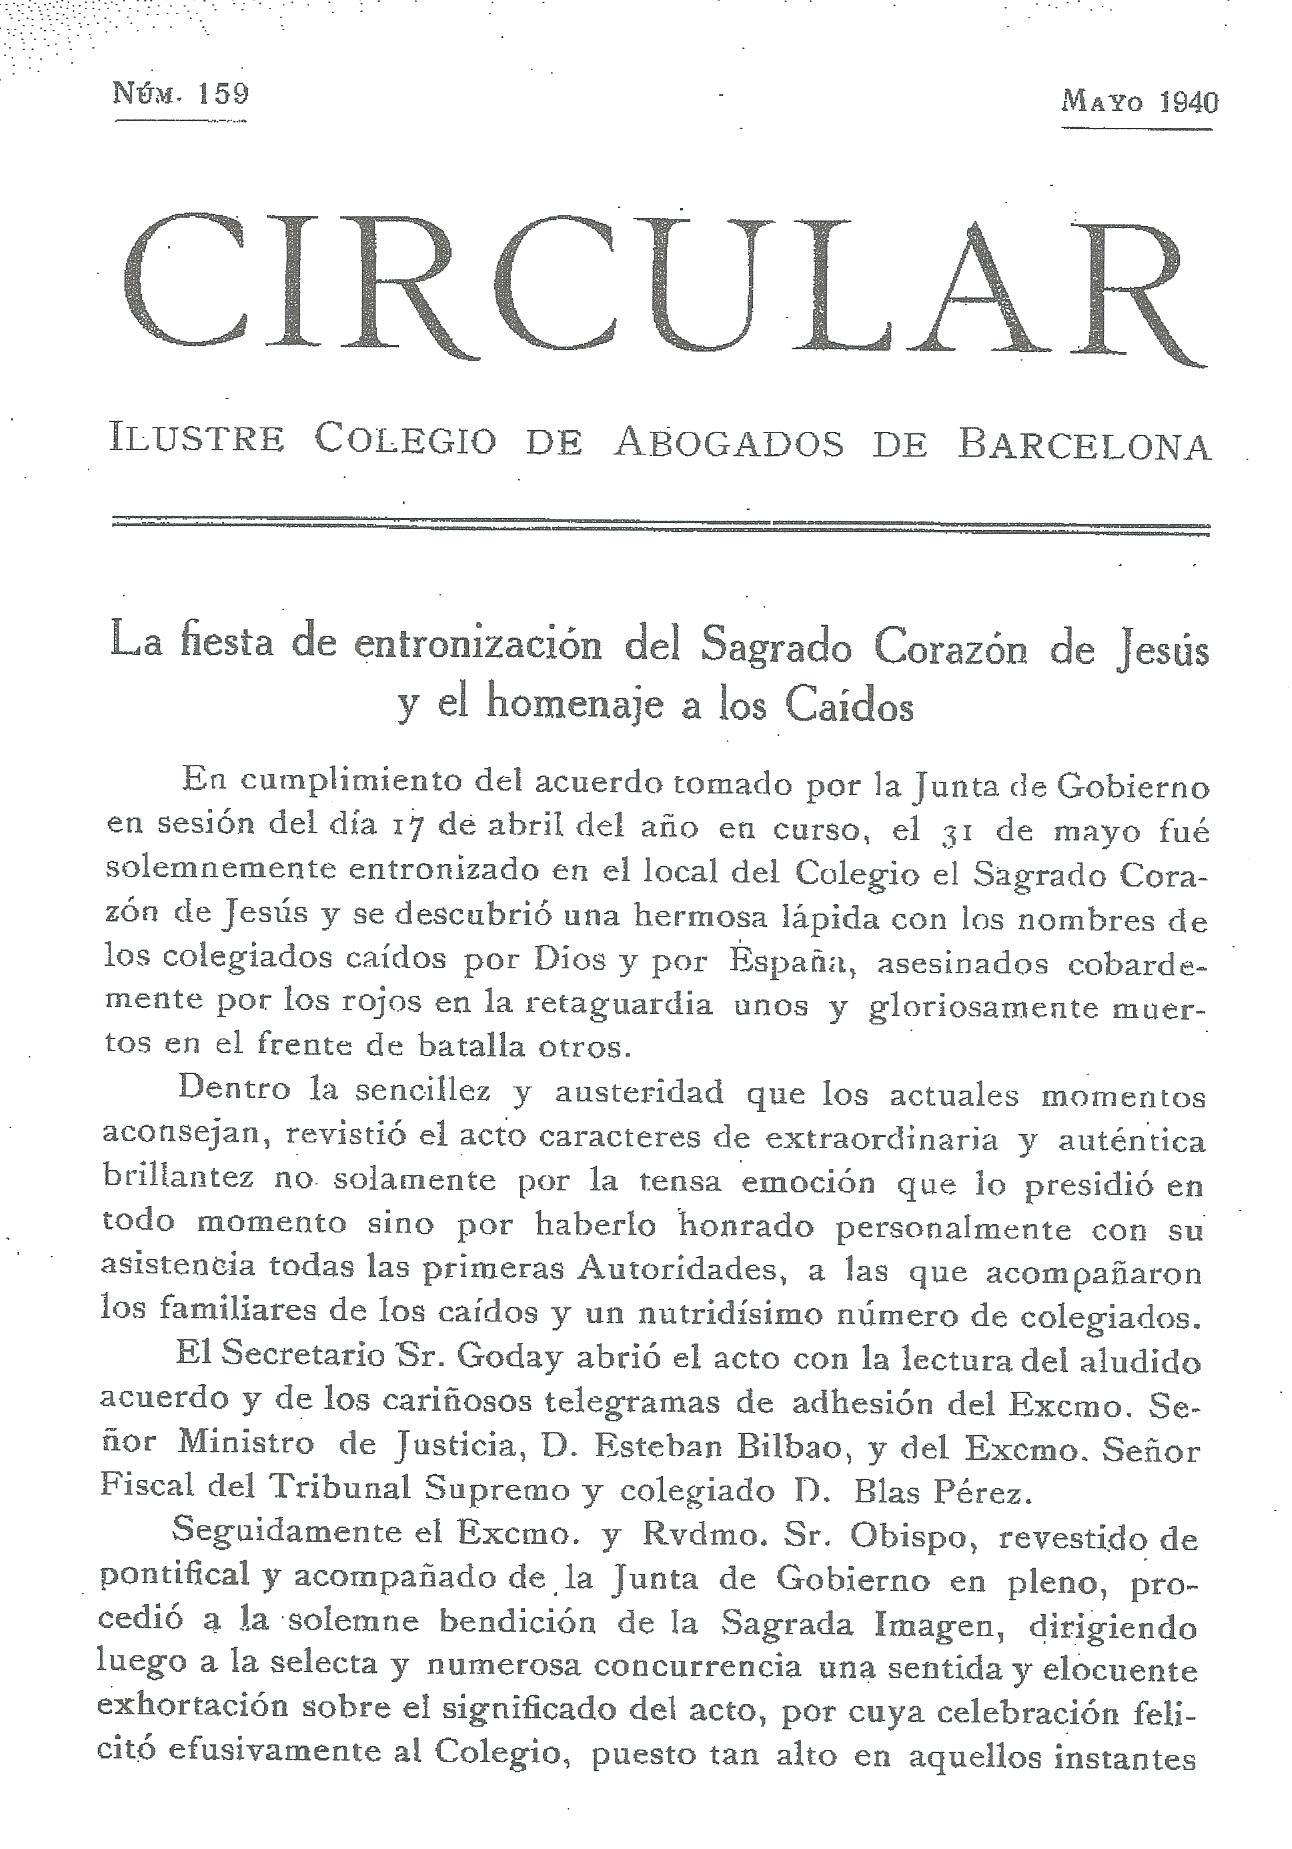 Circular del Colegio de abogados de Barcelona por la entronización del Sagrado Corazón, 1940